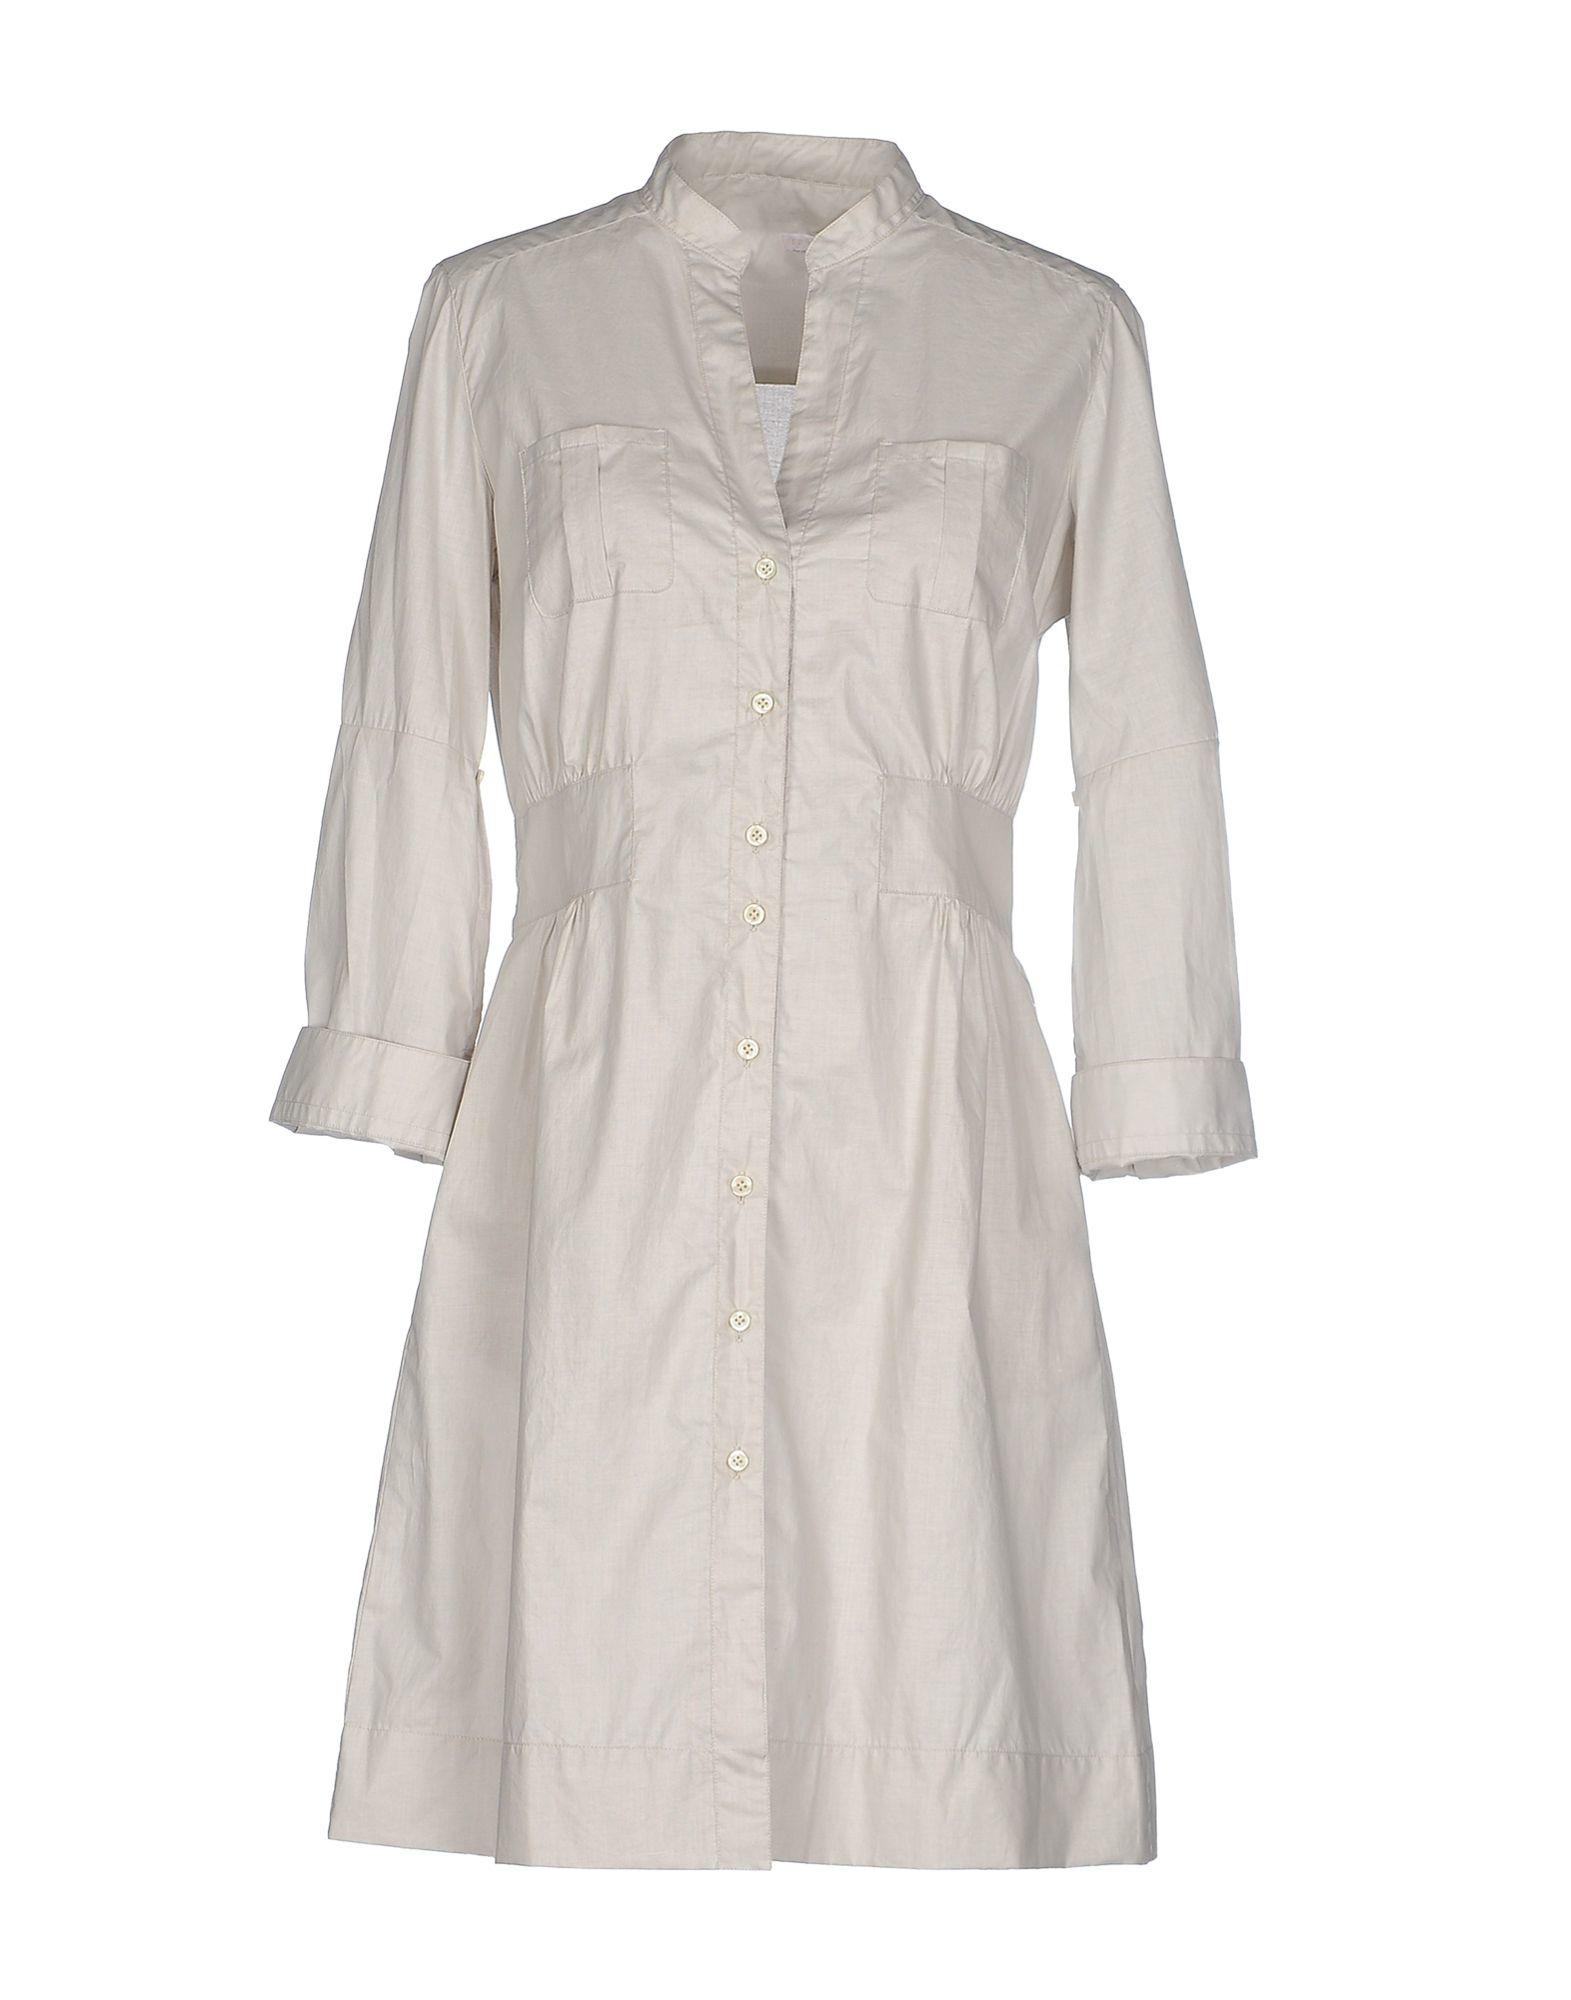 View Cheap Price Cheap Good Selling DRESSES - Short dresses Robert Friedman Cheap Sale 2018 New Discount Aaa Best Sale Online WsNTZjA